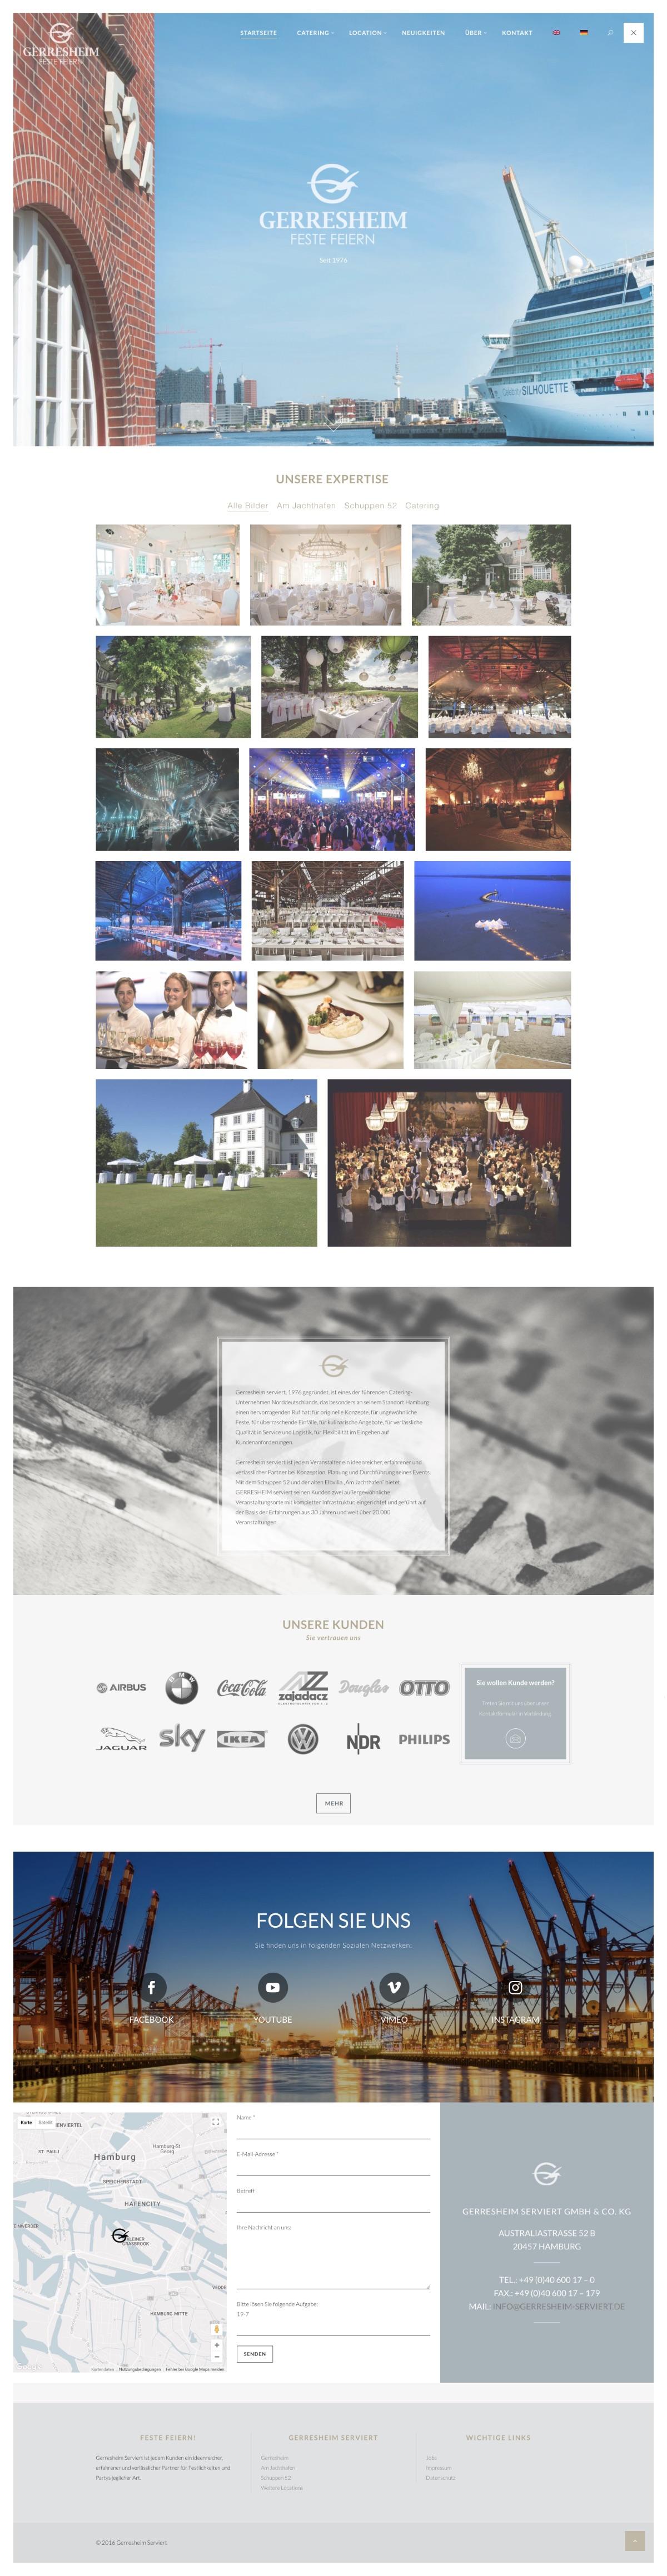 Website Gerresheim serviert